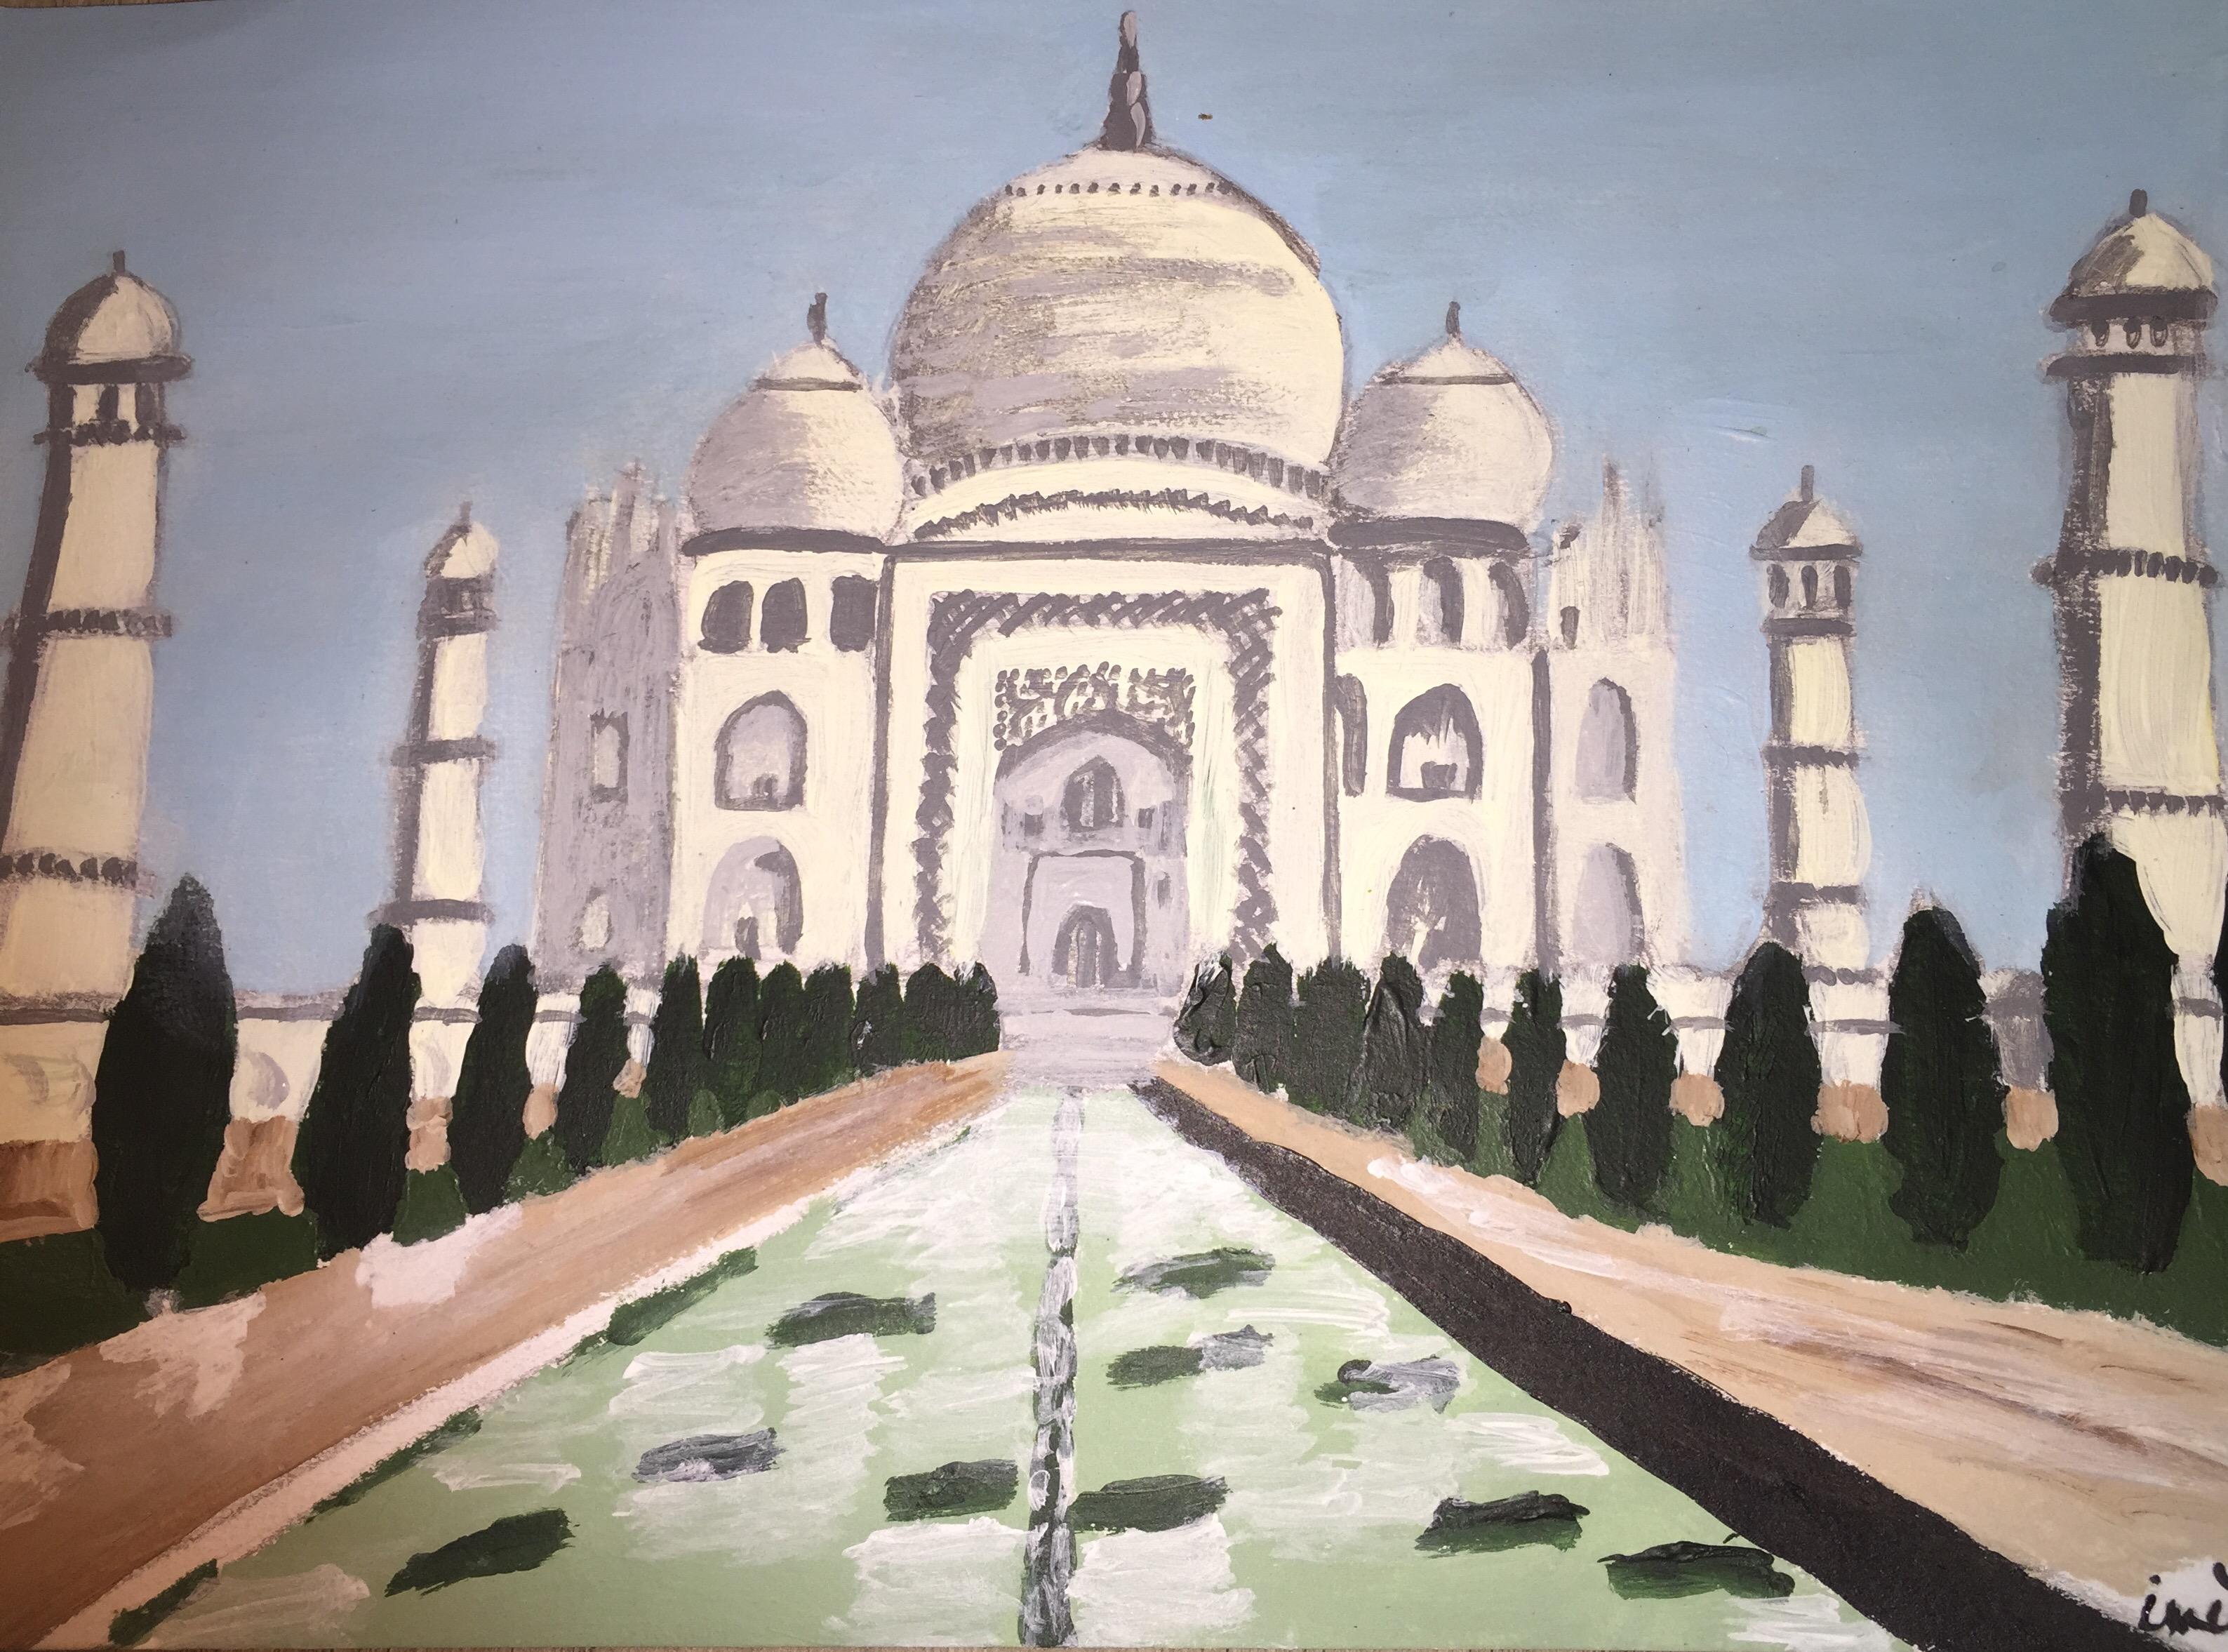 Magnifique palais oriental hindou Image